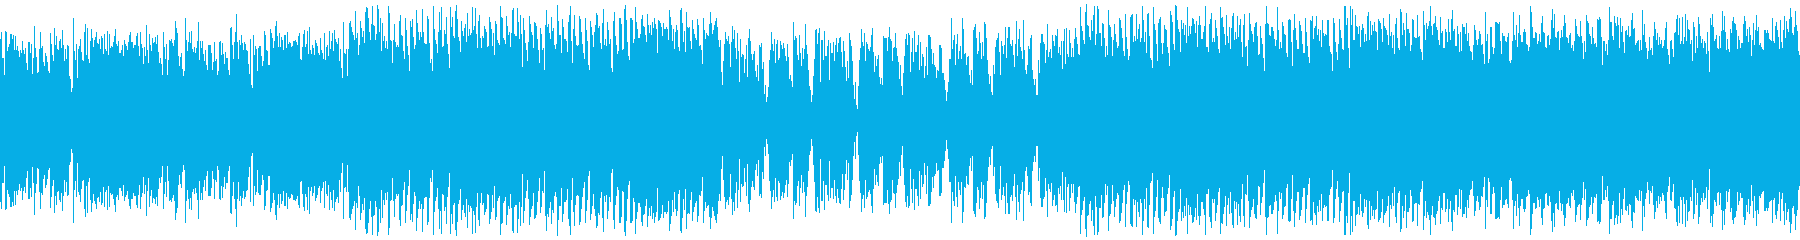 企業VP・夏の海・レゲエ・ループの再生済みの波形